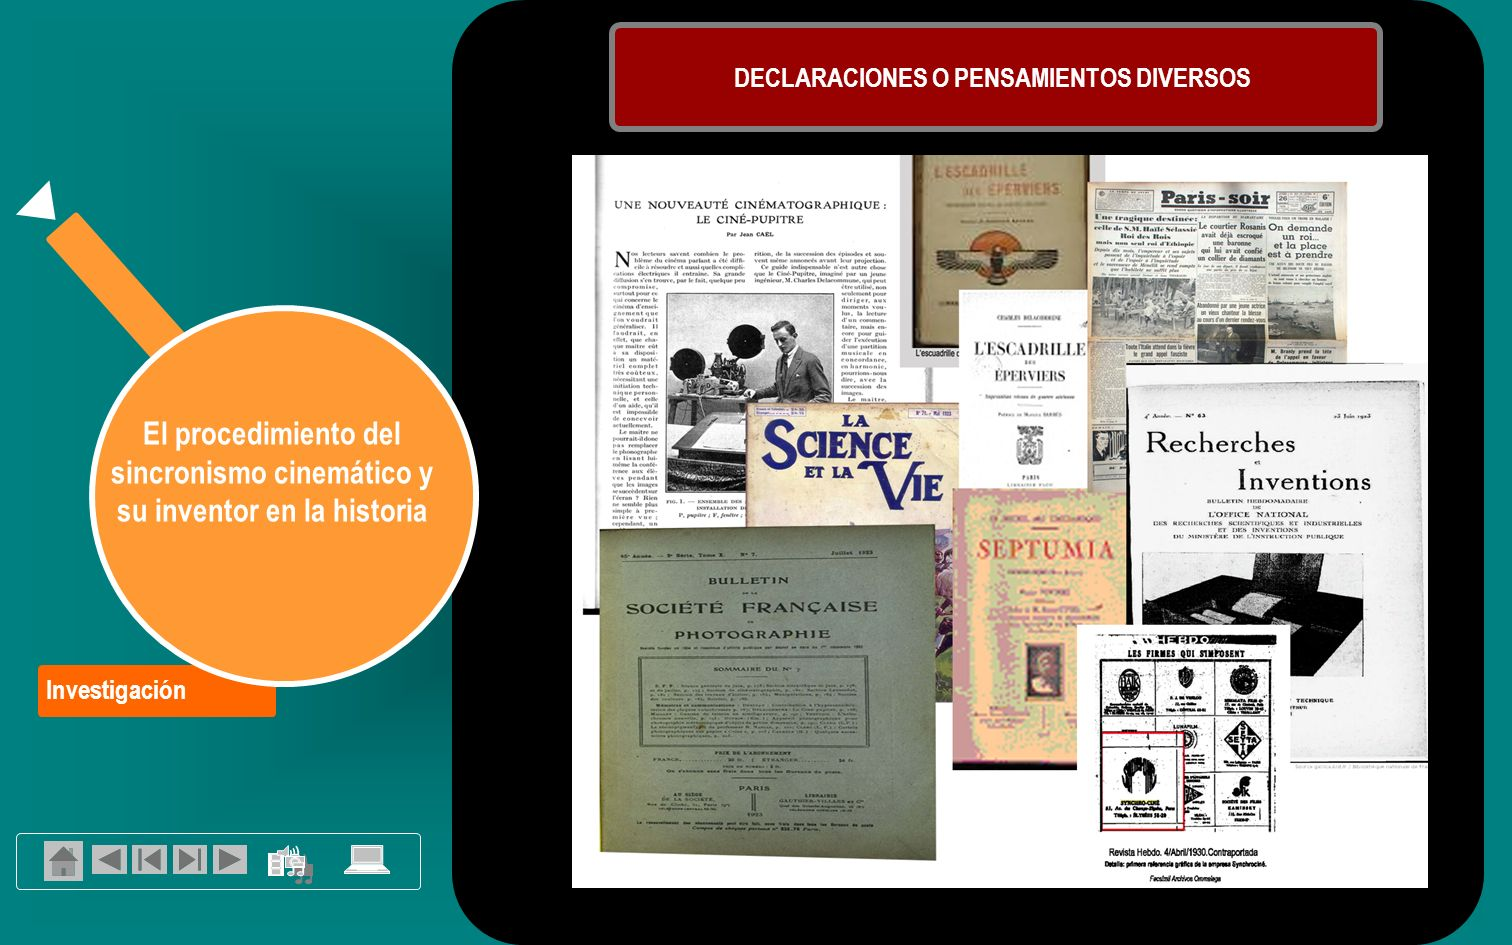 Investigación El procedimiento del sincronismo cinemático y su inventor en la historia DECLARACIONES O PENSAMIENTOS DIVERSOS